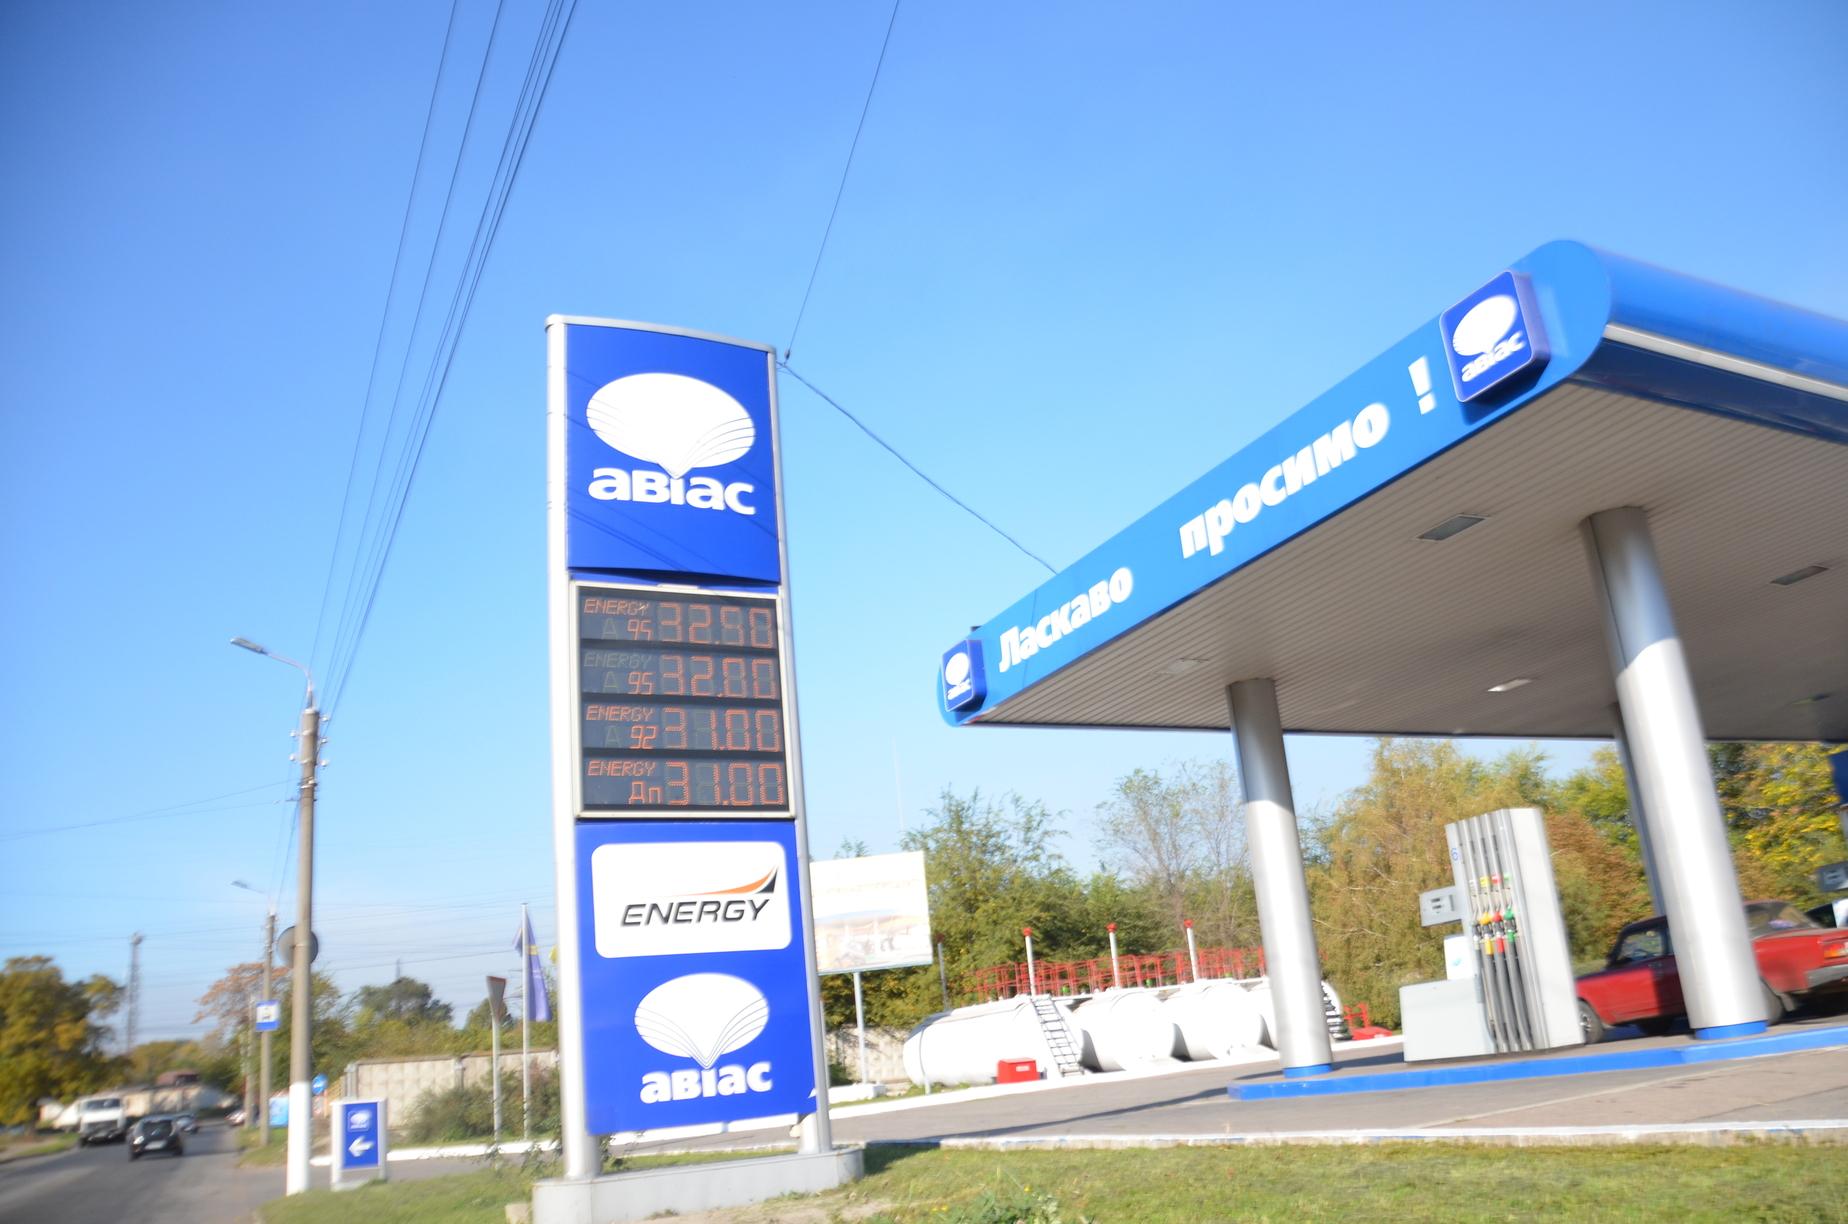 Чего ожидать запорожцам от повышения цен на топливо и к каким последствиям это приведет